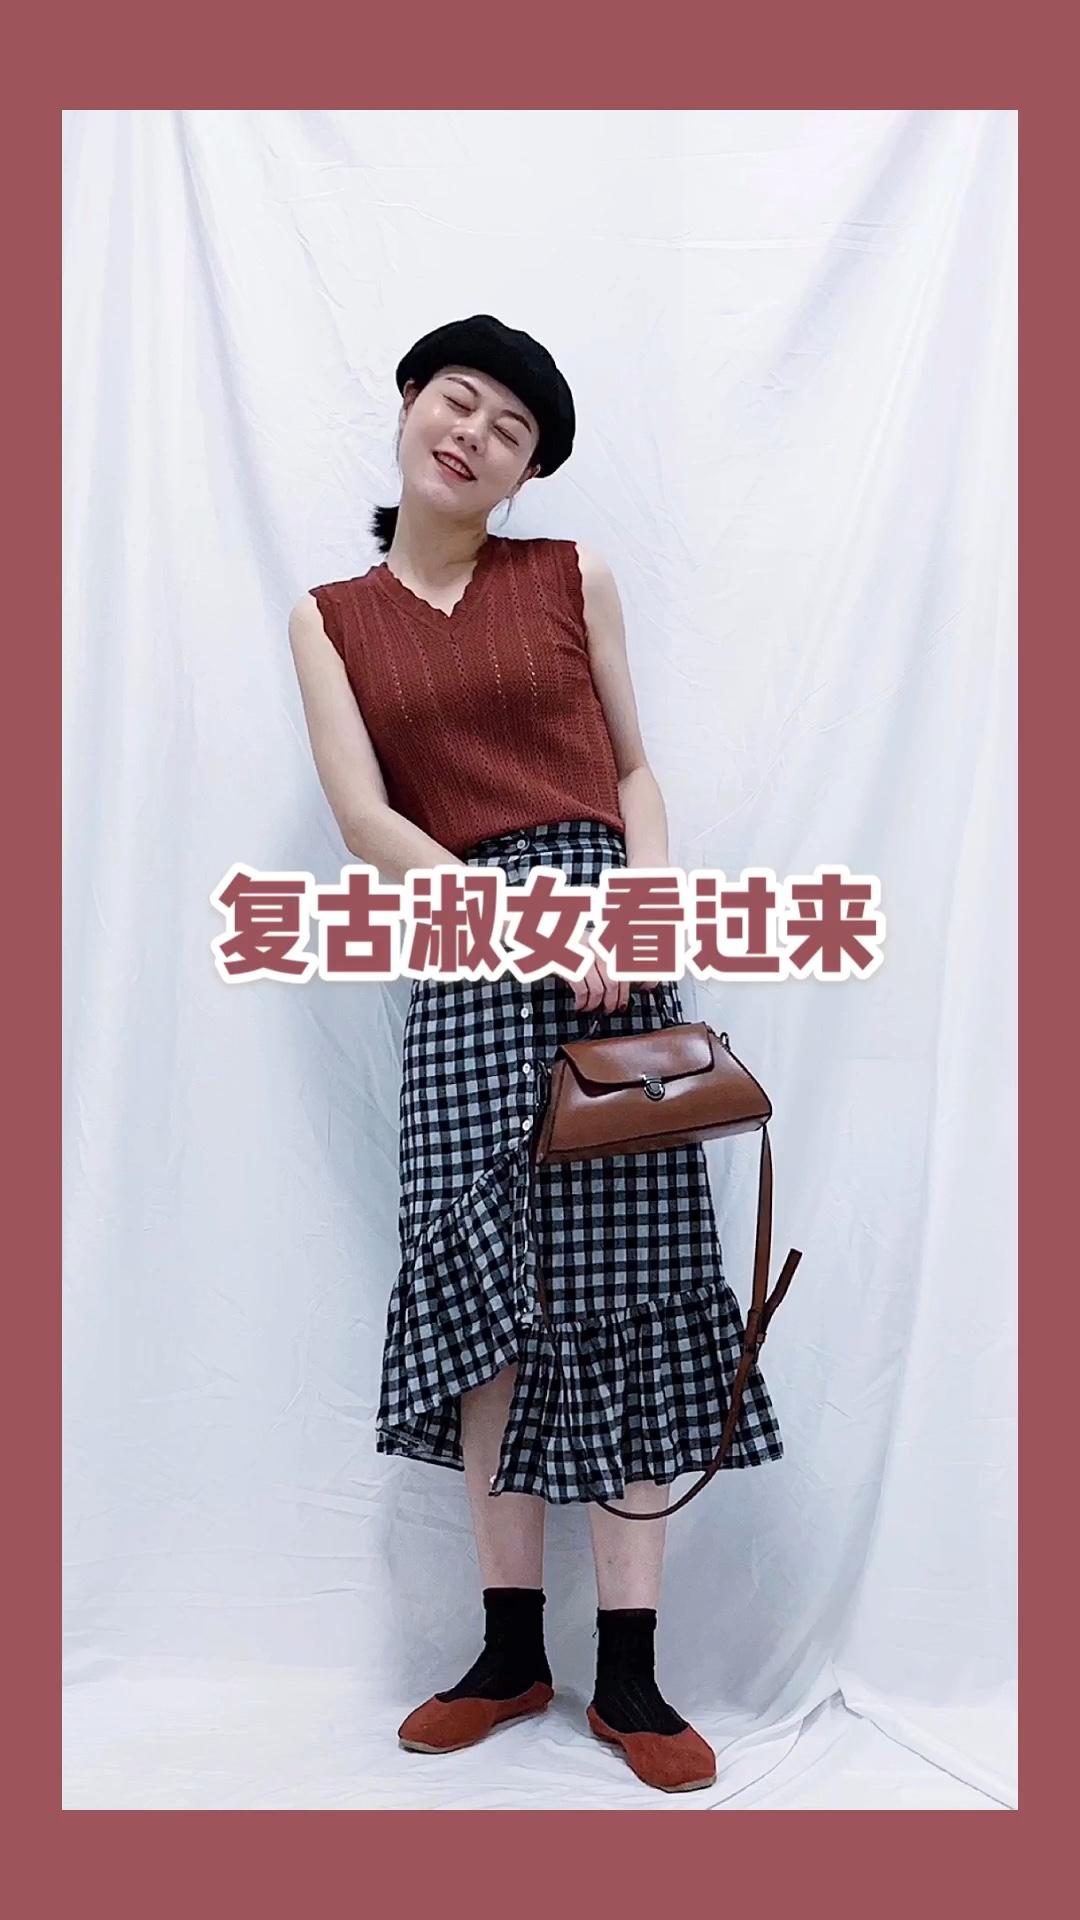 #粗腿女孩福音,遮肉穿它!#   非常复古的一套 铁锈红背心搭配格纹半裙 半裙的下摆不规则且开叉设计 鞋子和包包也都是用了同色系来互相呼应